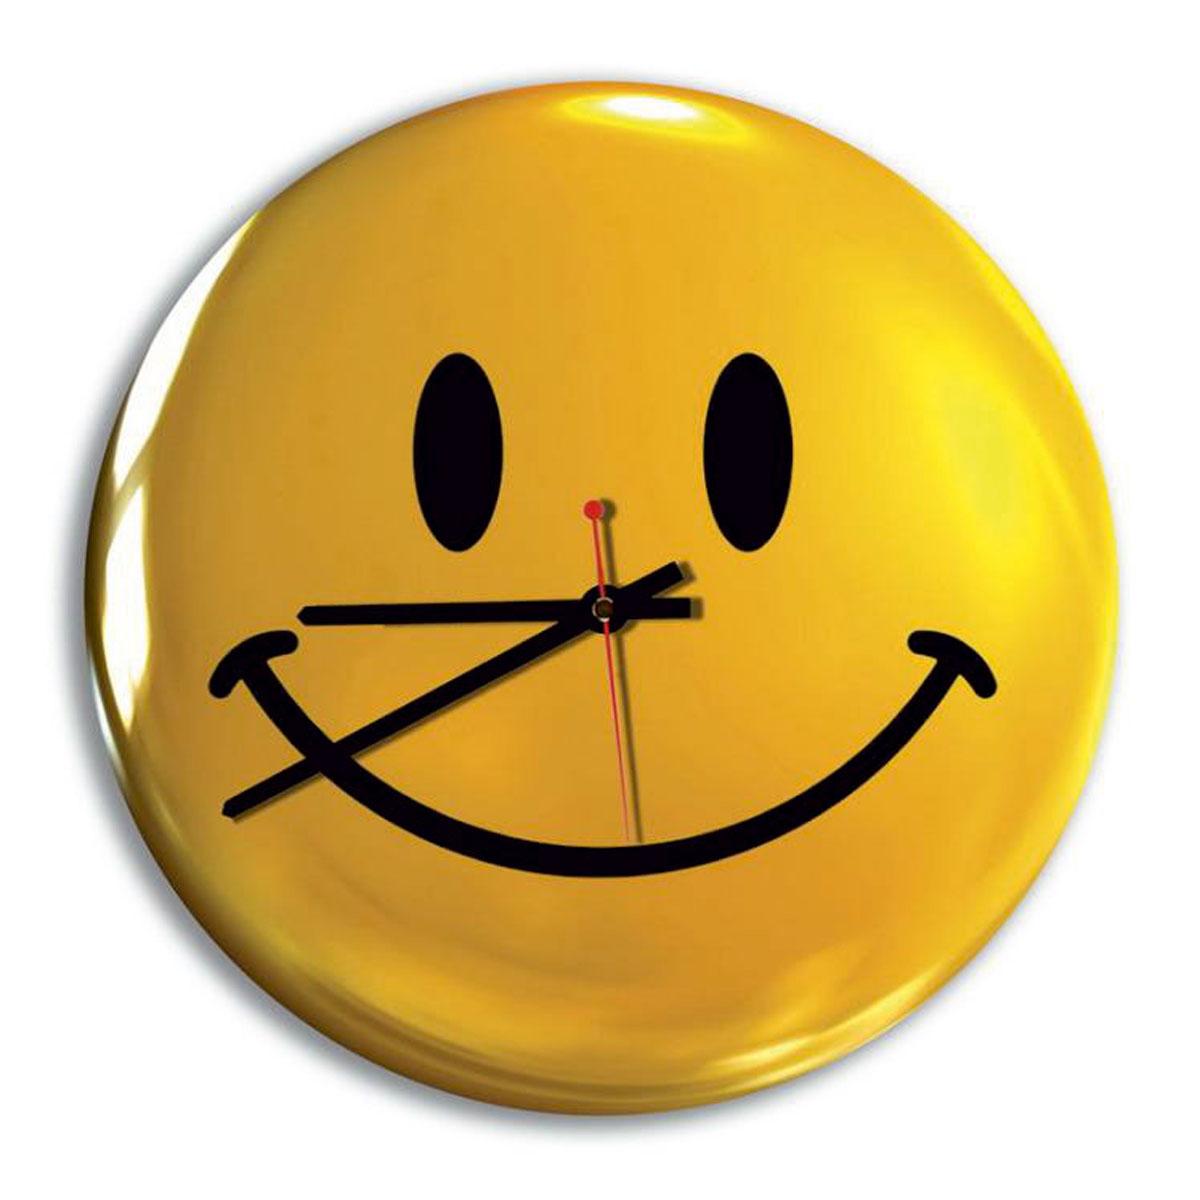 Часы настенные Miolla Смайлик, цвет: желтый, черный300074_ежевикаОригинальные настенные часы круглой формы выполнены из закаленного стекла. Часы имеют три стрелки - часовую, минутную и секундную и циферблат с цифрами. Необычное дизайнерское решение и качество исполнения придутся по вкусу каждому. Оформите свой дом таким интерьерным аксессуаром или преподнесите его в качестве презента друзьям, и они оценят ваш оригинальный вкус и неординарность подарка. Диаметр: 28 см.